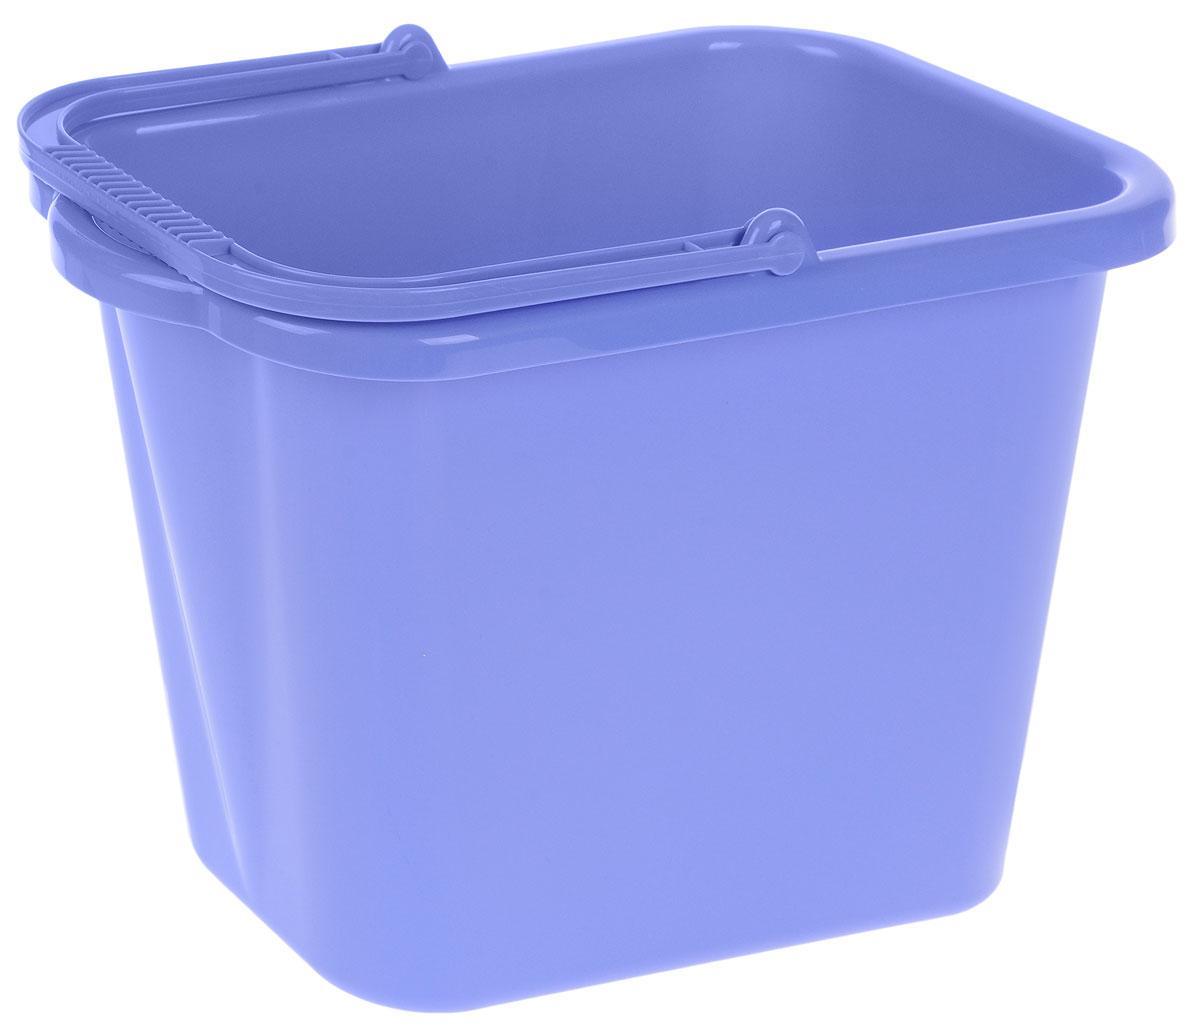 Ведро хозяйственное Idea, прямоугольное, цвет: сиреневый, 9,5 лSVC-300Прямоугольное ведро Idea изготовлено из прочного пластика. Изделие порадует практичных хозяек. Ведро можно использовать для пищевых продуктов или для мытья полов. Для удобного использования ведро имеет пластиковую ручку и носик для выливания воды. Размер ведра (по верхнему краю): 36 х 21,5 см.Высота стенки: 25 см.